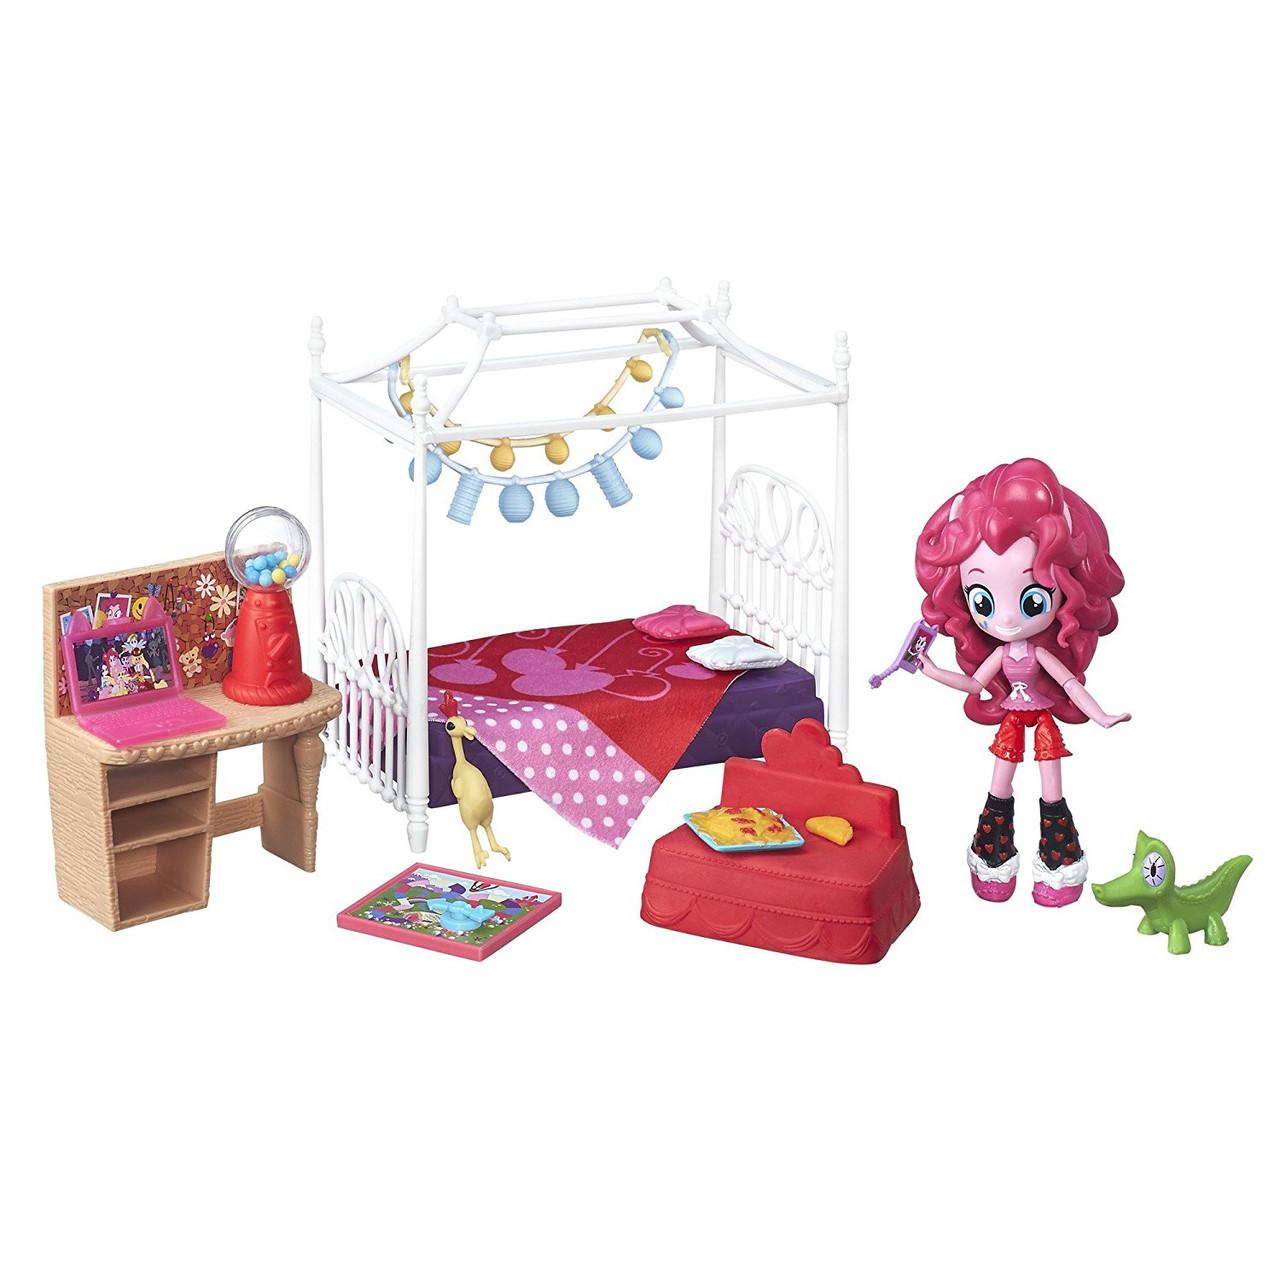 Игровой набор  Пинки Пай мини Пижамная вечеринка Спальный гарнитур серия Мy Little Pony Equestria girls